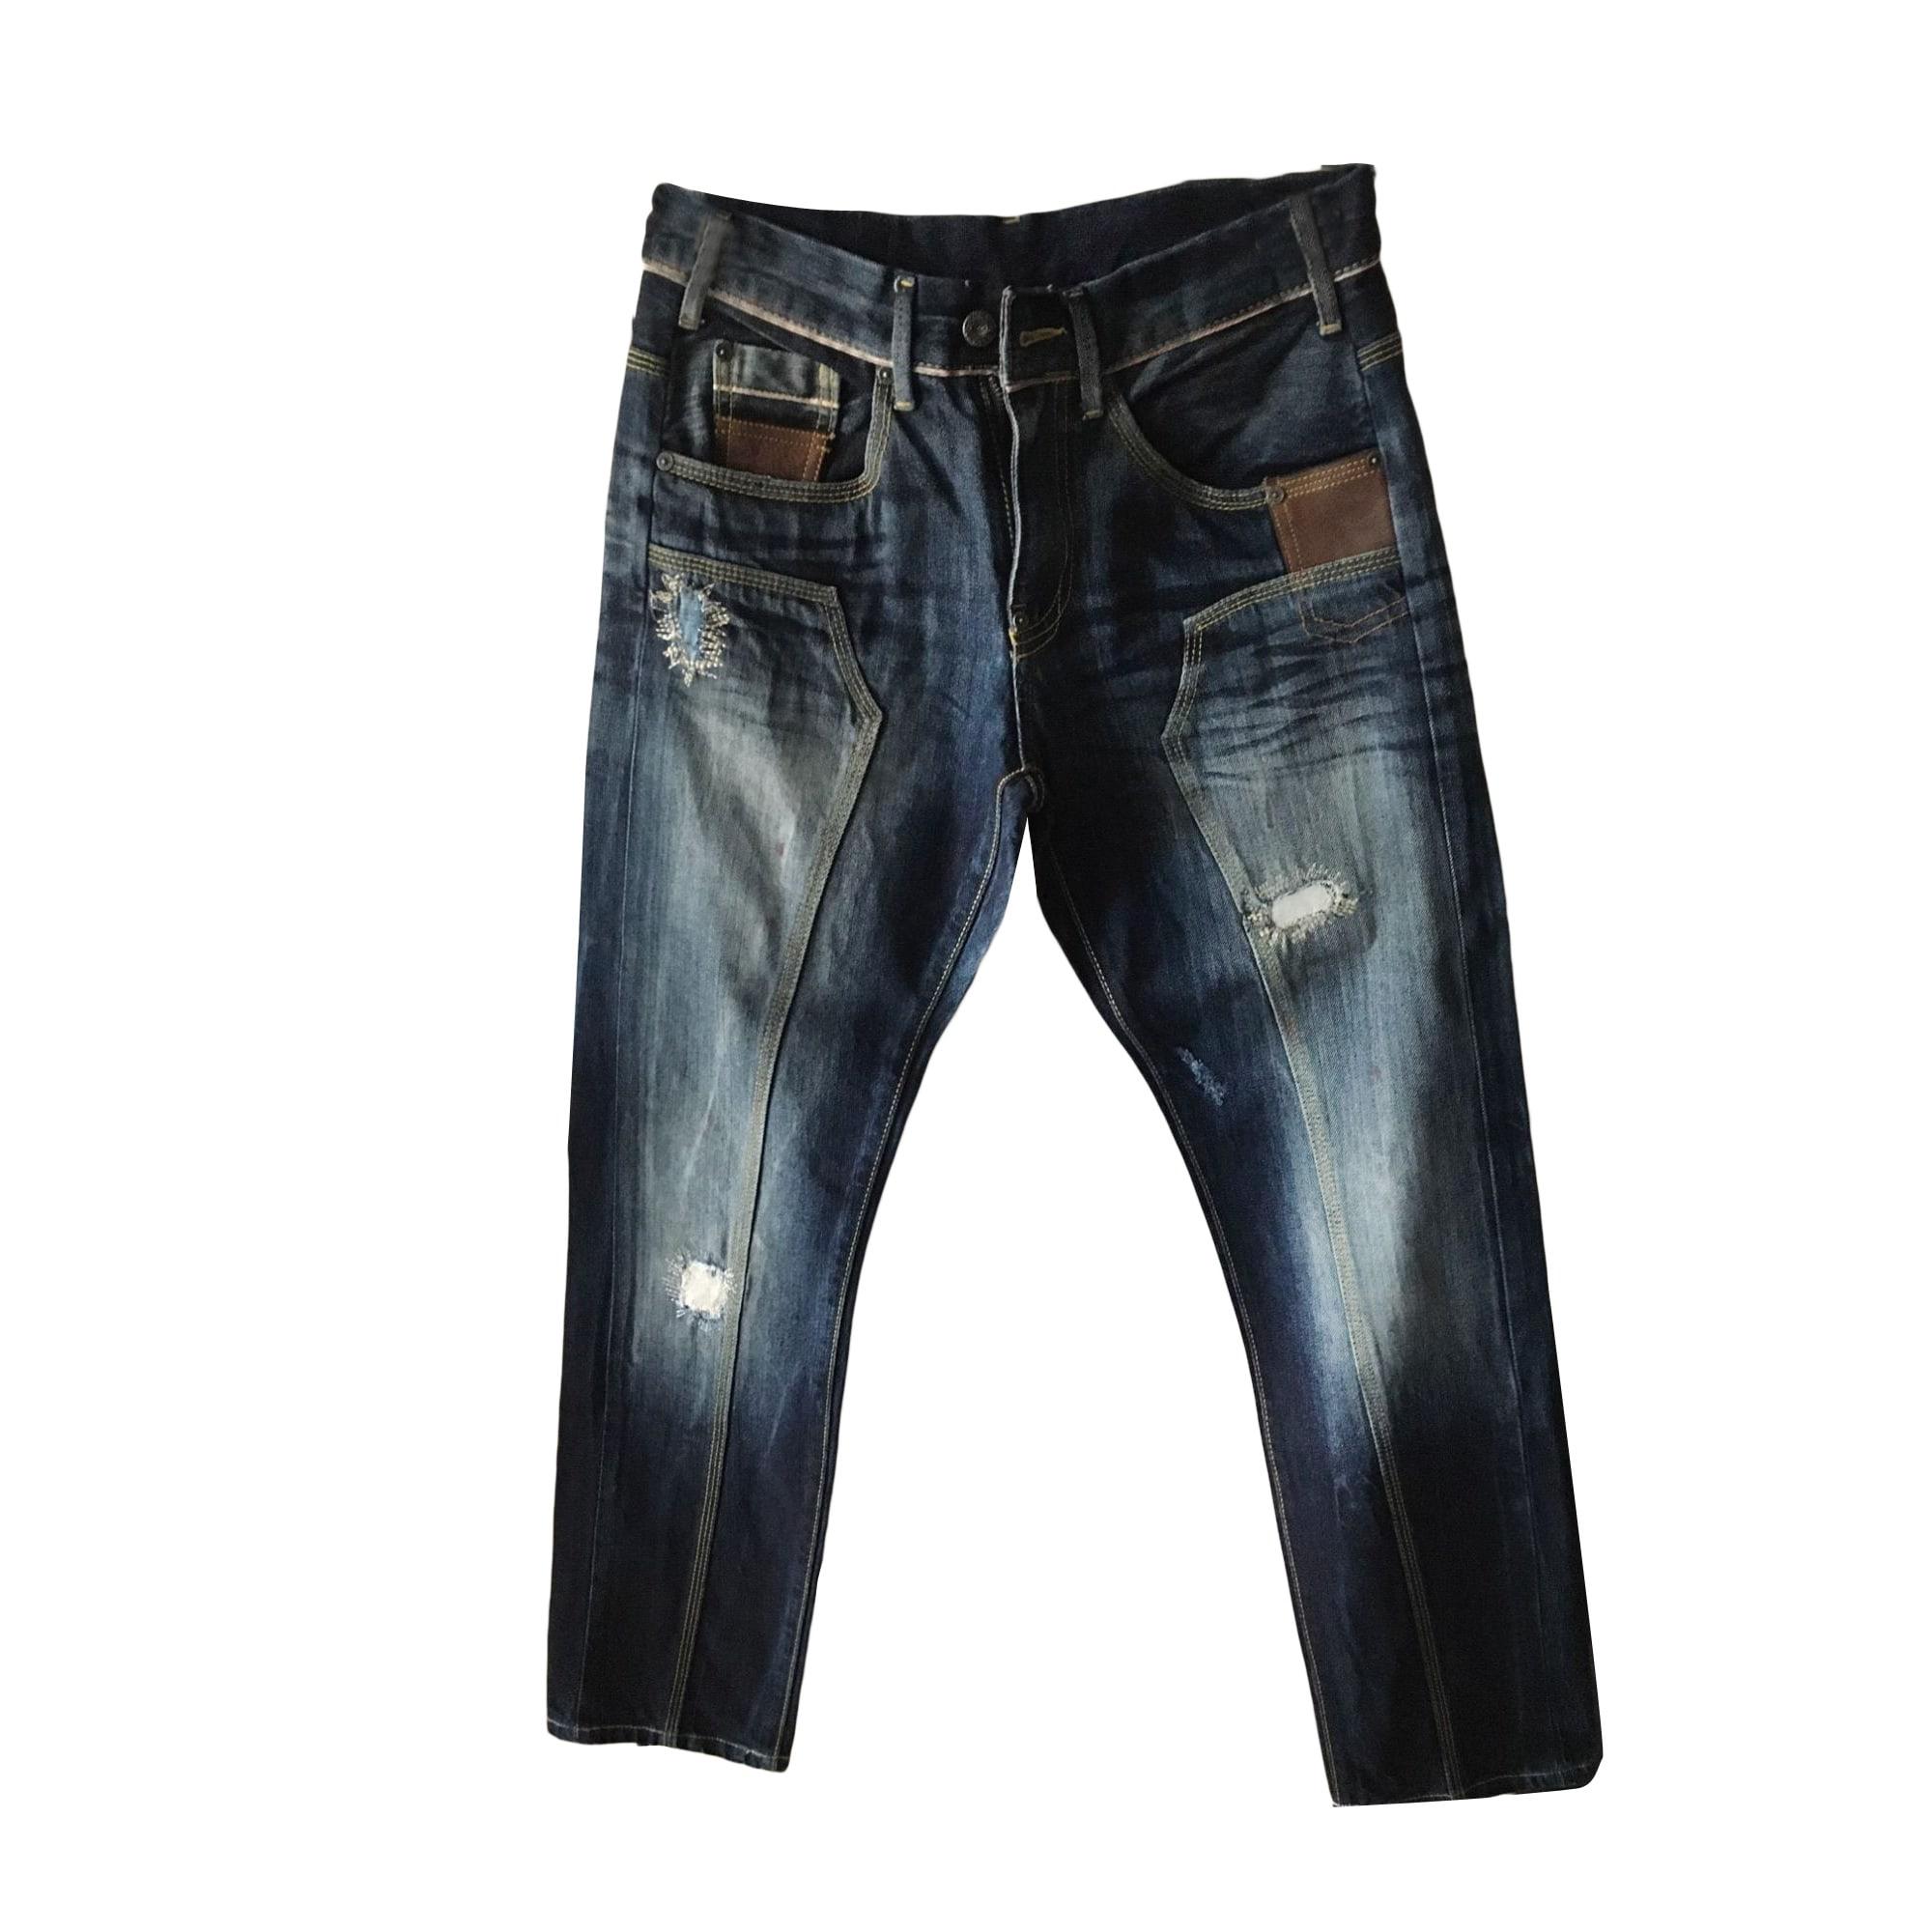 Jeans droit PEPE JEANS Bleu, bleu marine, bleu turquoise